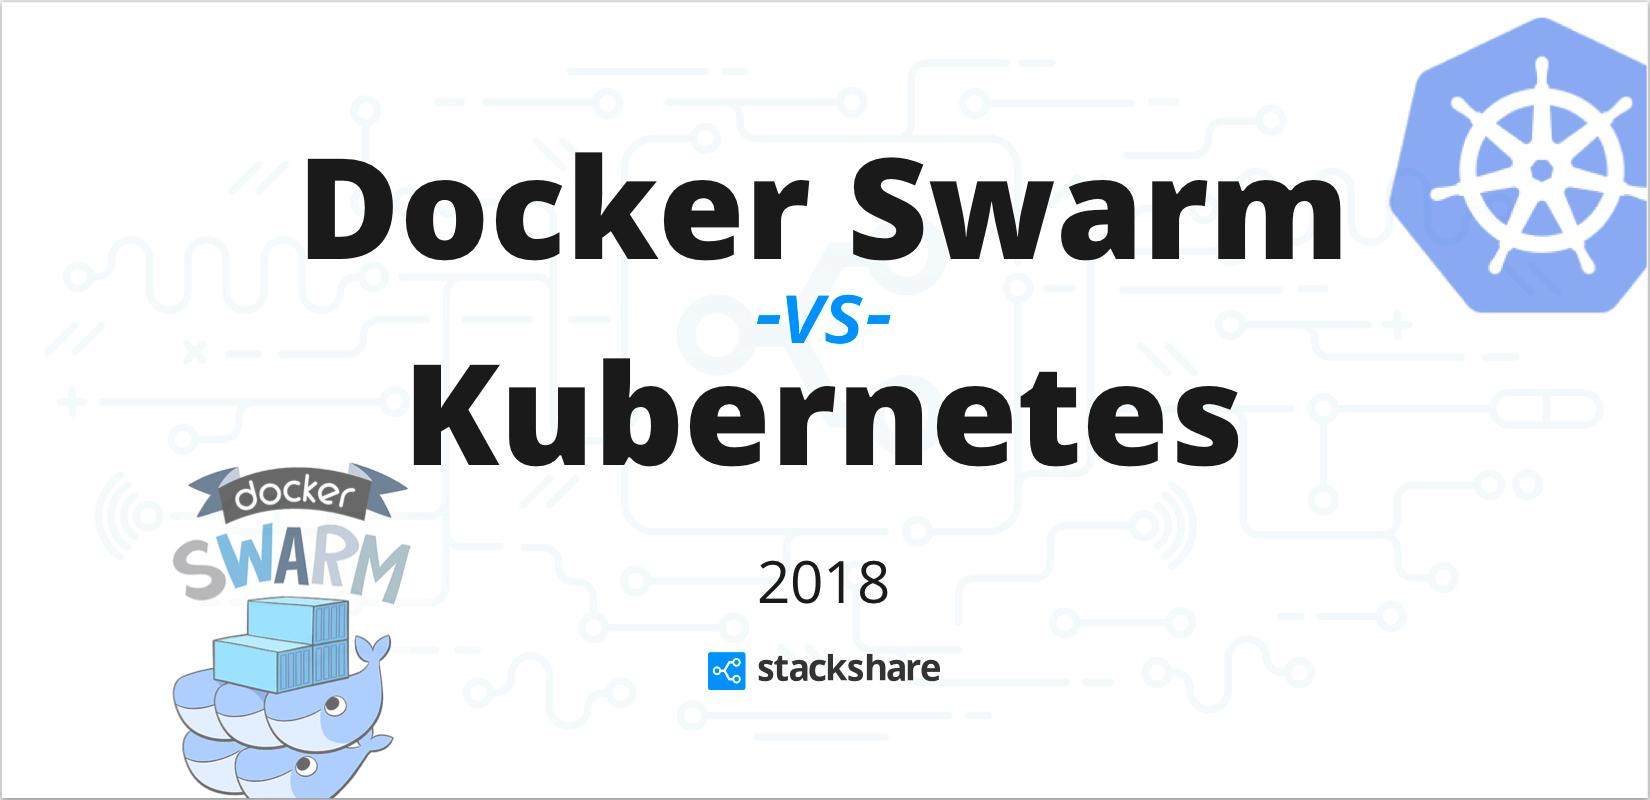 Docker Swarm vs. Kubernetes 2018 - StackShare